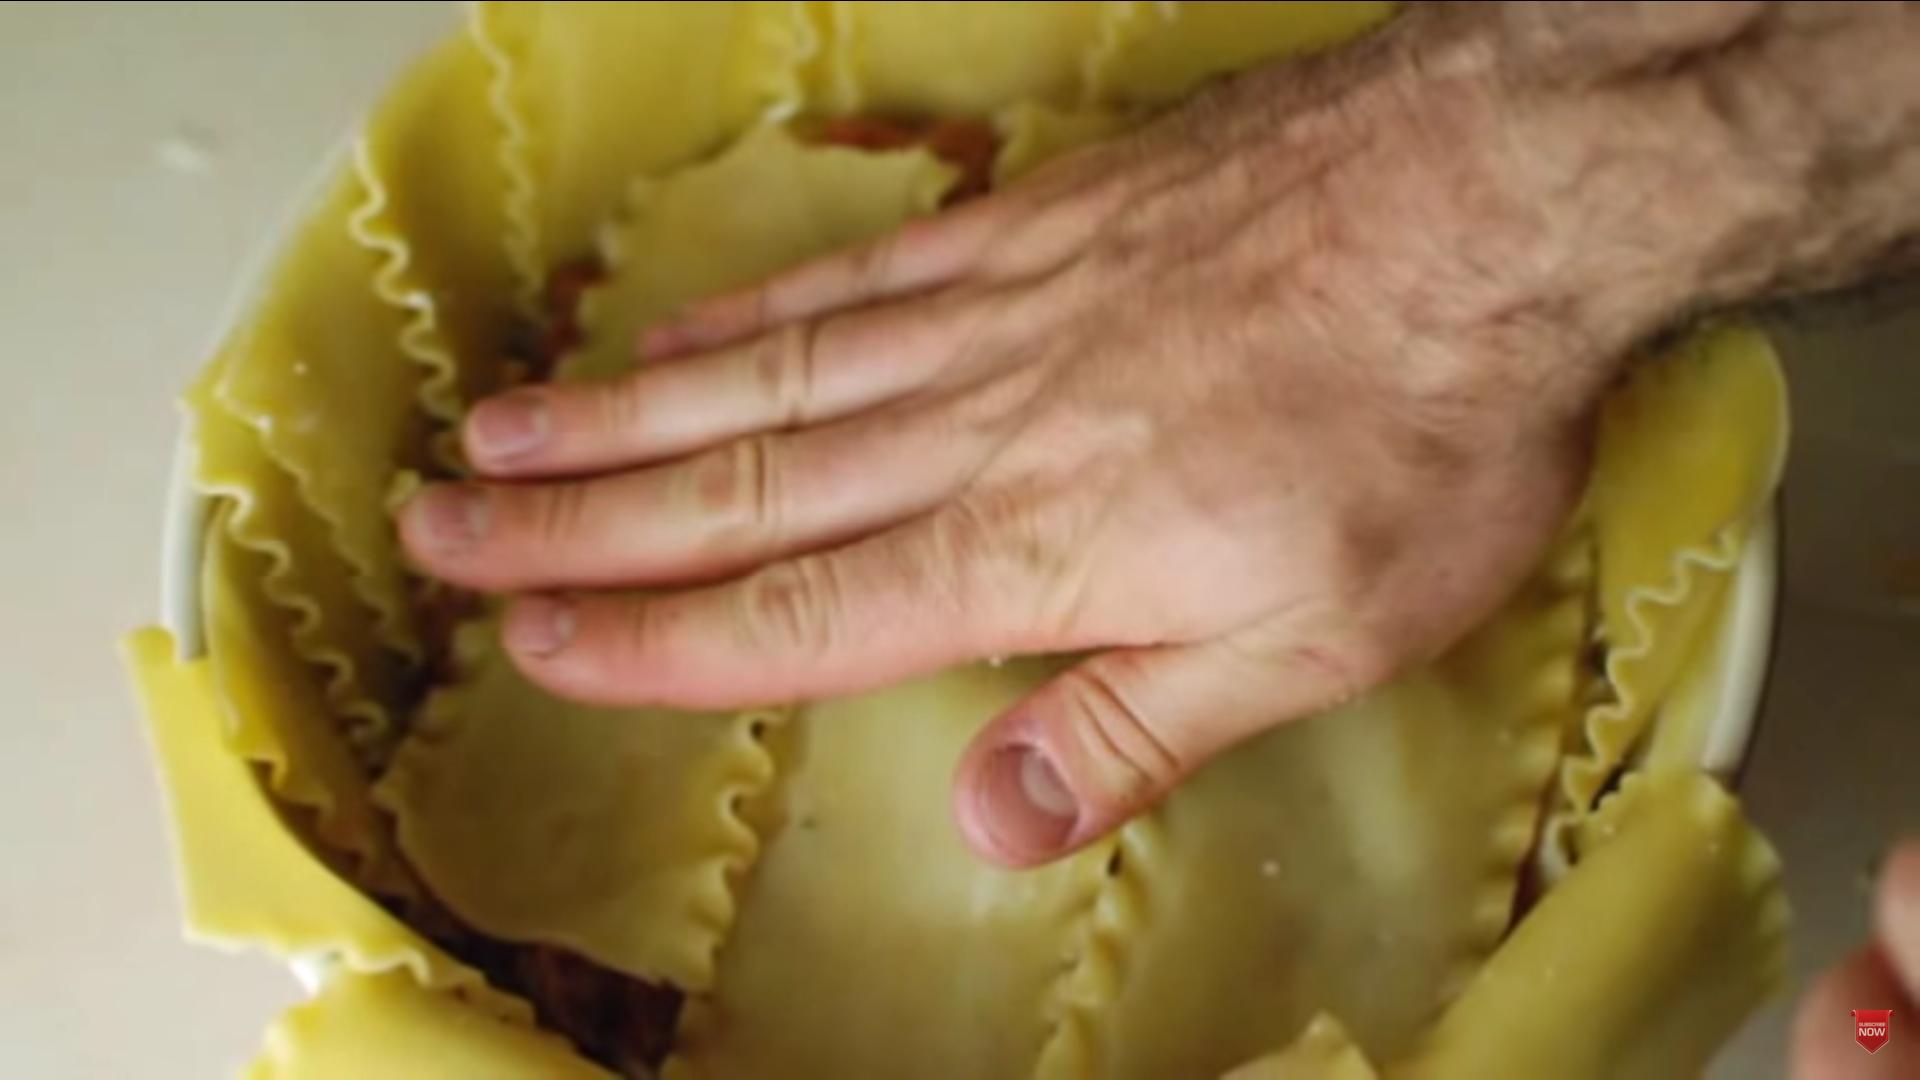 Lasagna en tazon 11